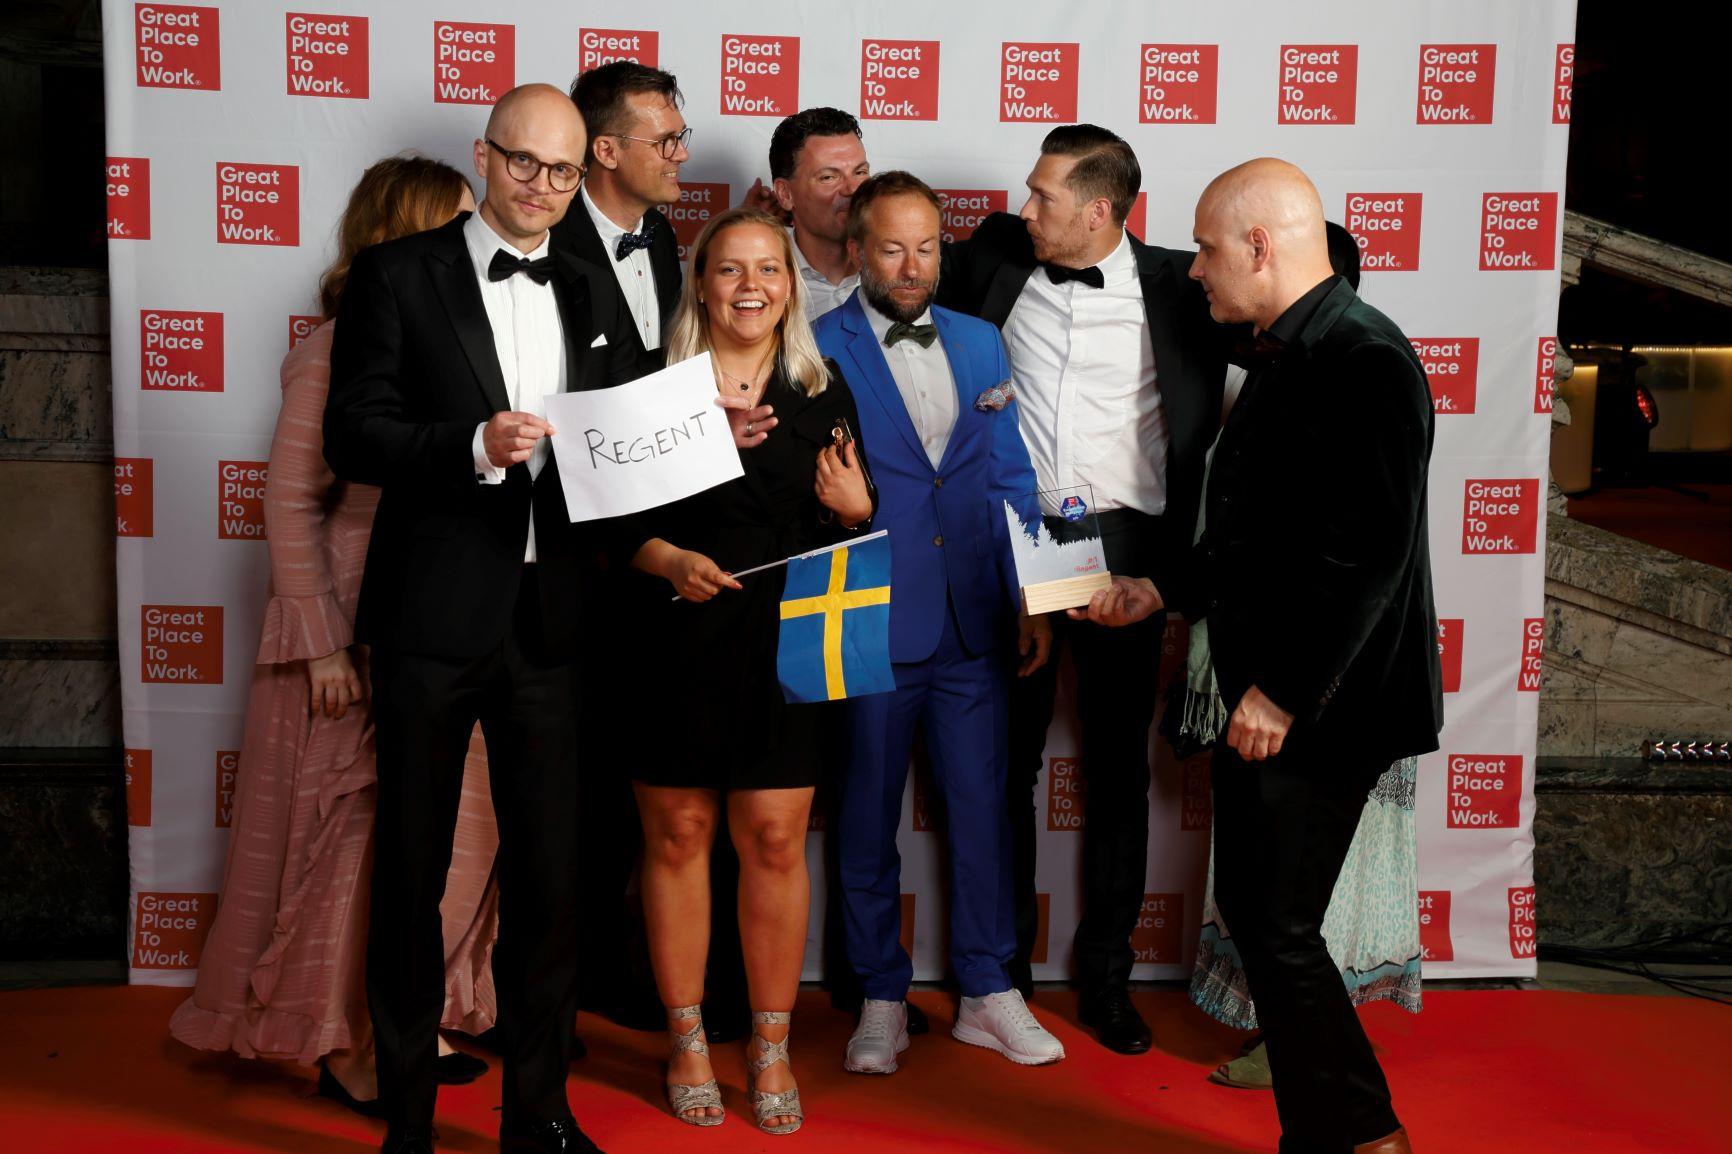 Przedstawiciele firmy Regent chwilę po tym, jak wyszli z gali rozdania nagród Najlepszych Miejsc Pracy w Europie 2019 (fot. materiały prasowe)